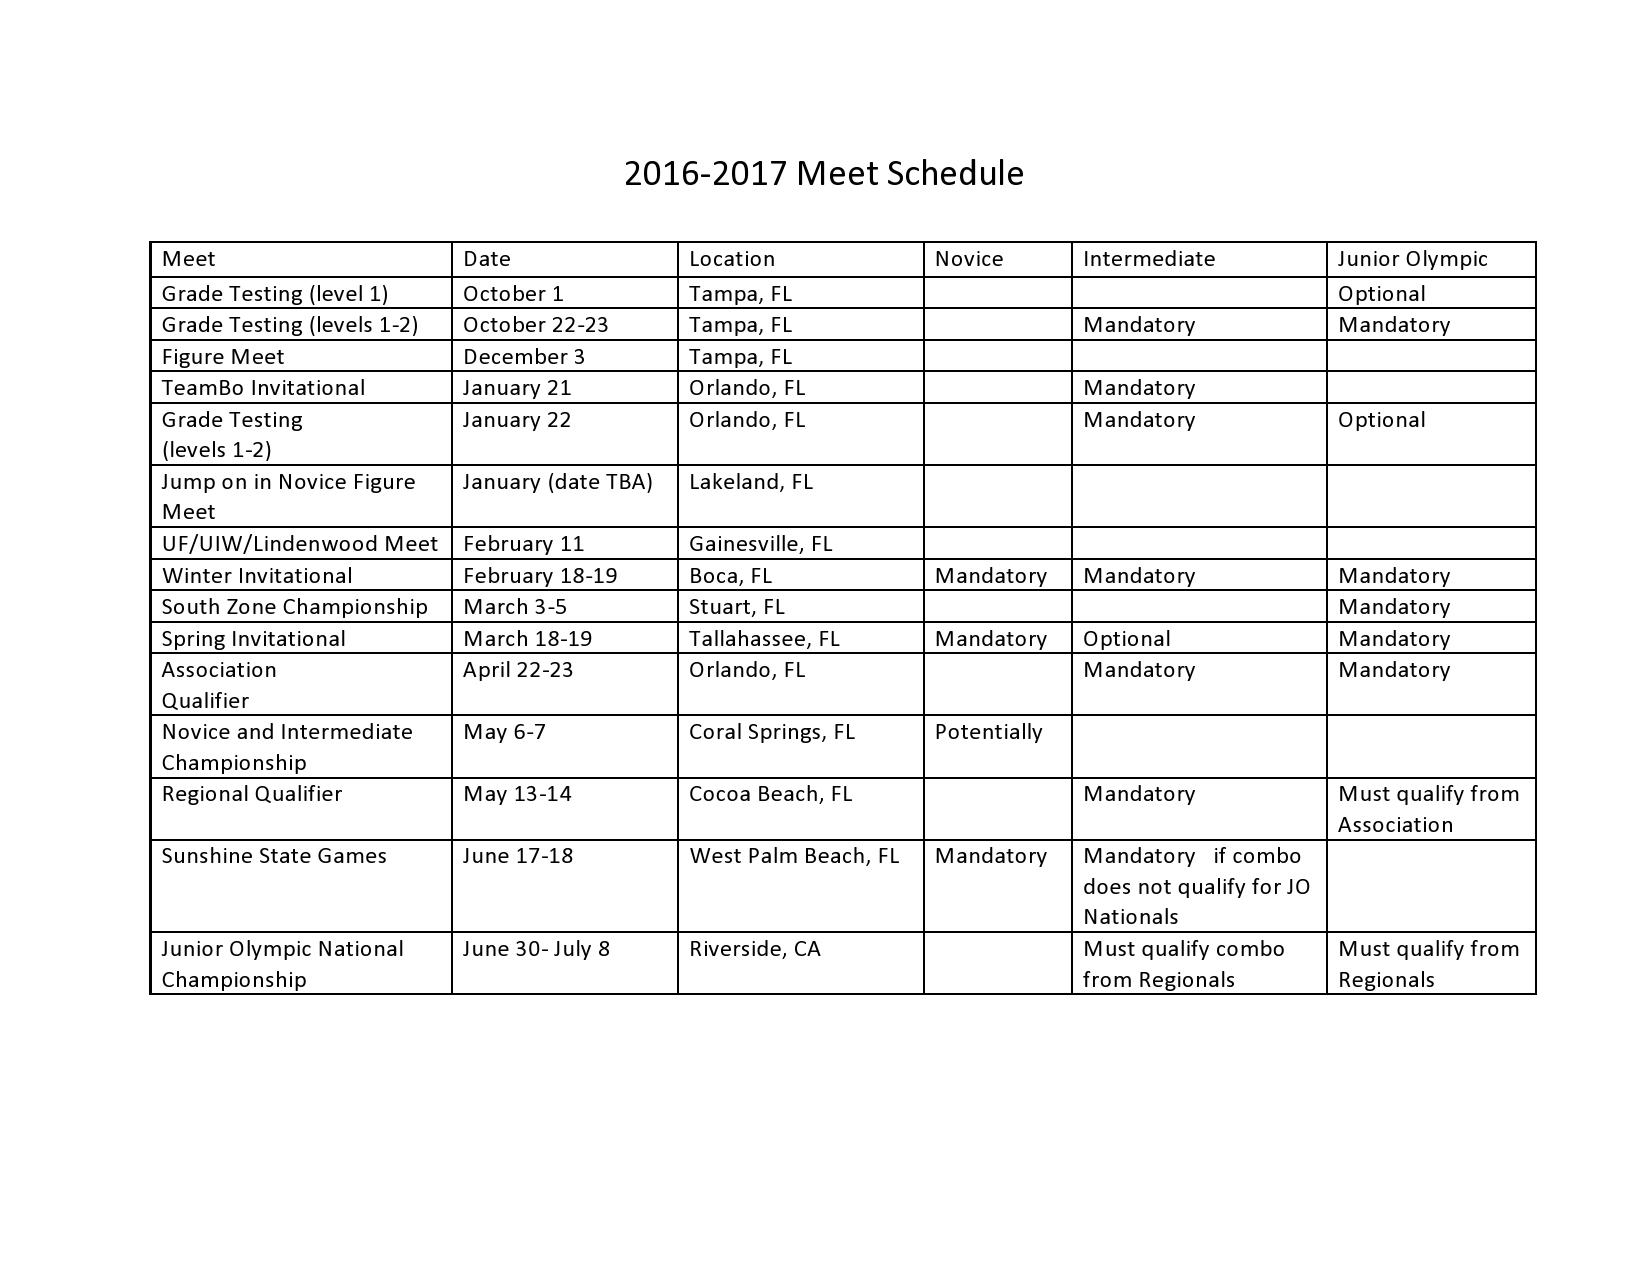 pacific swimming meet schedule 2016